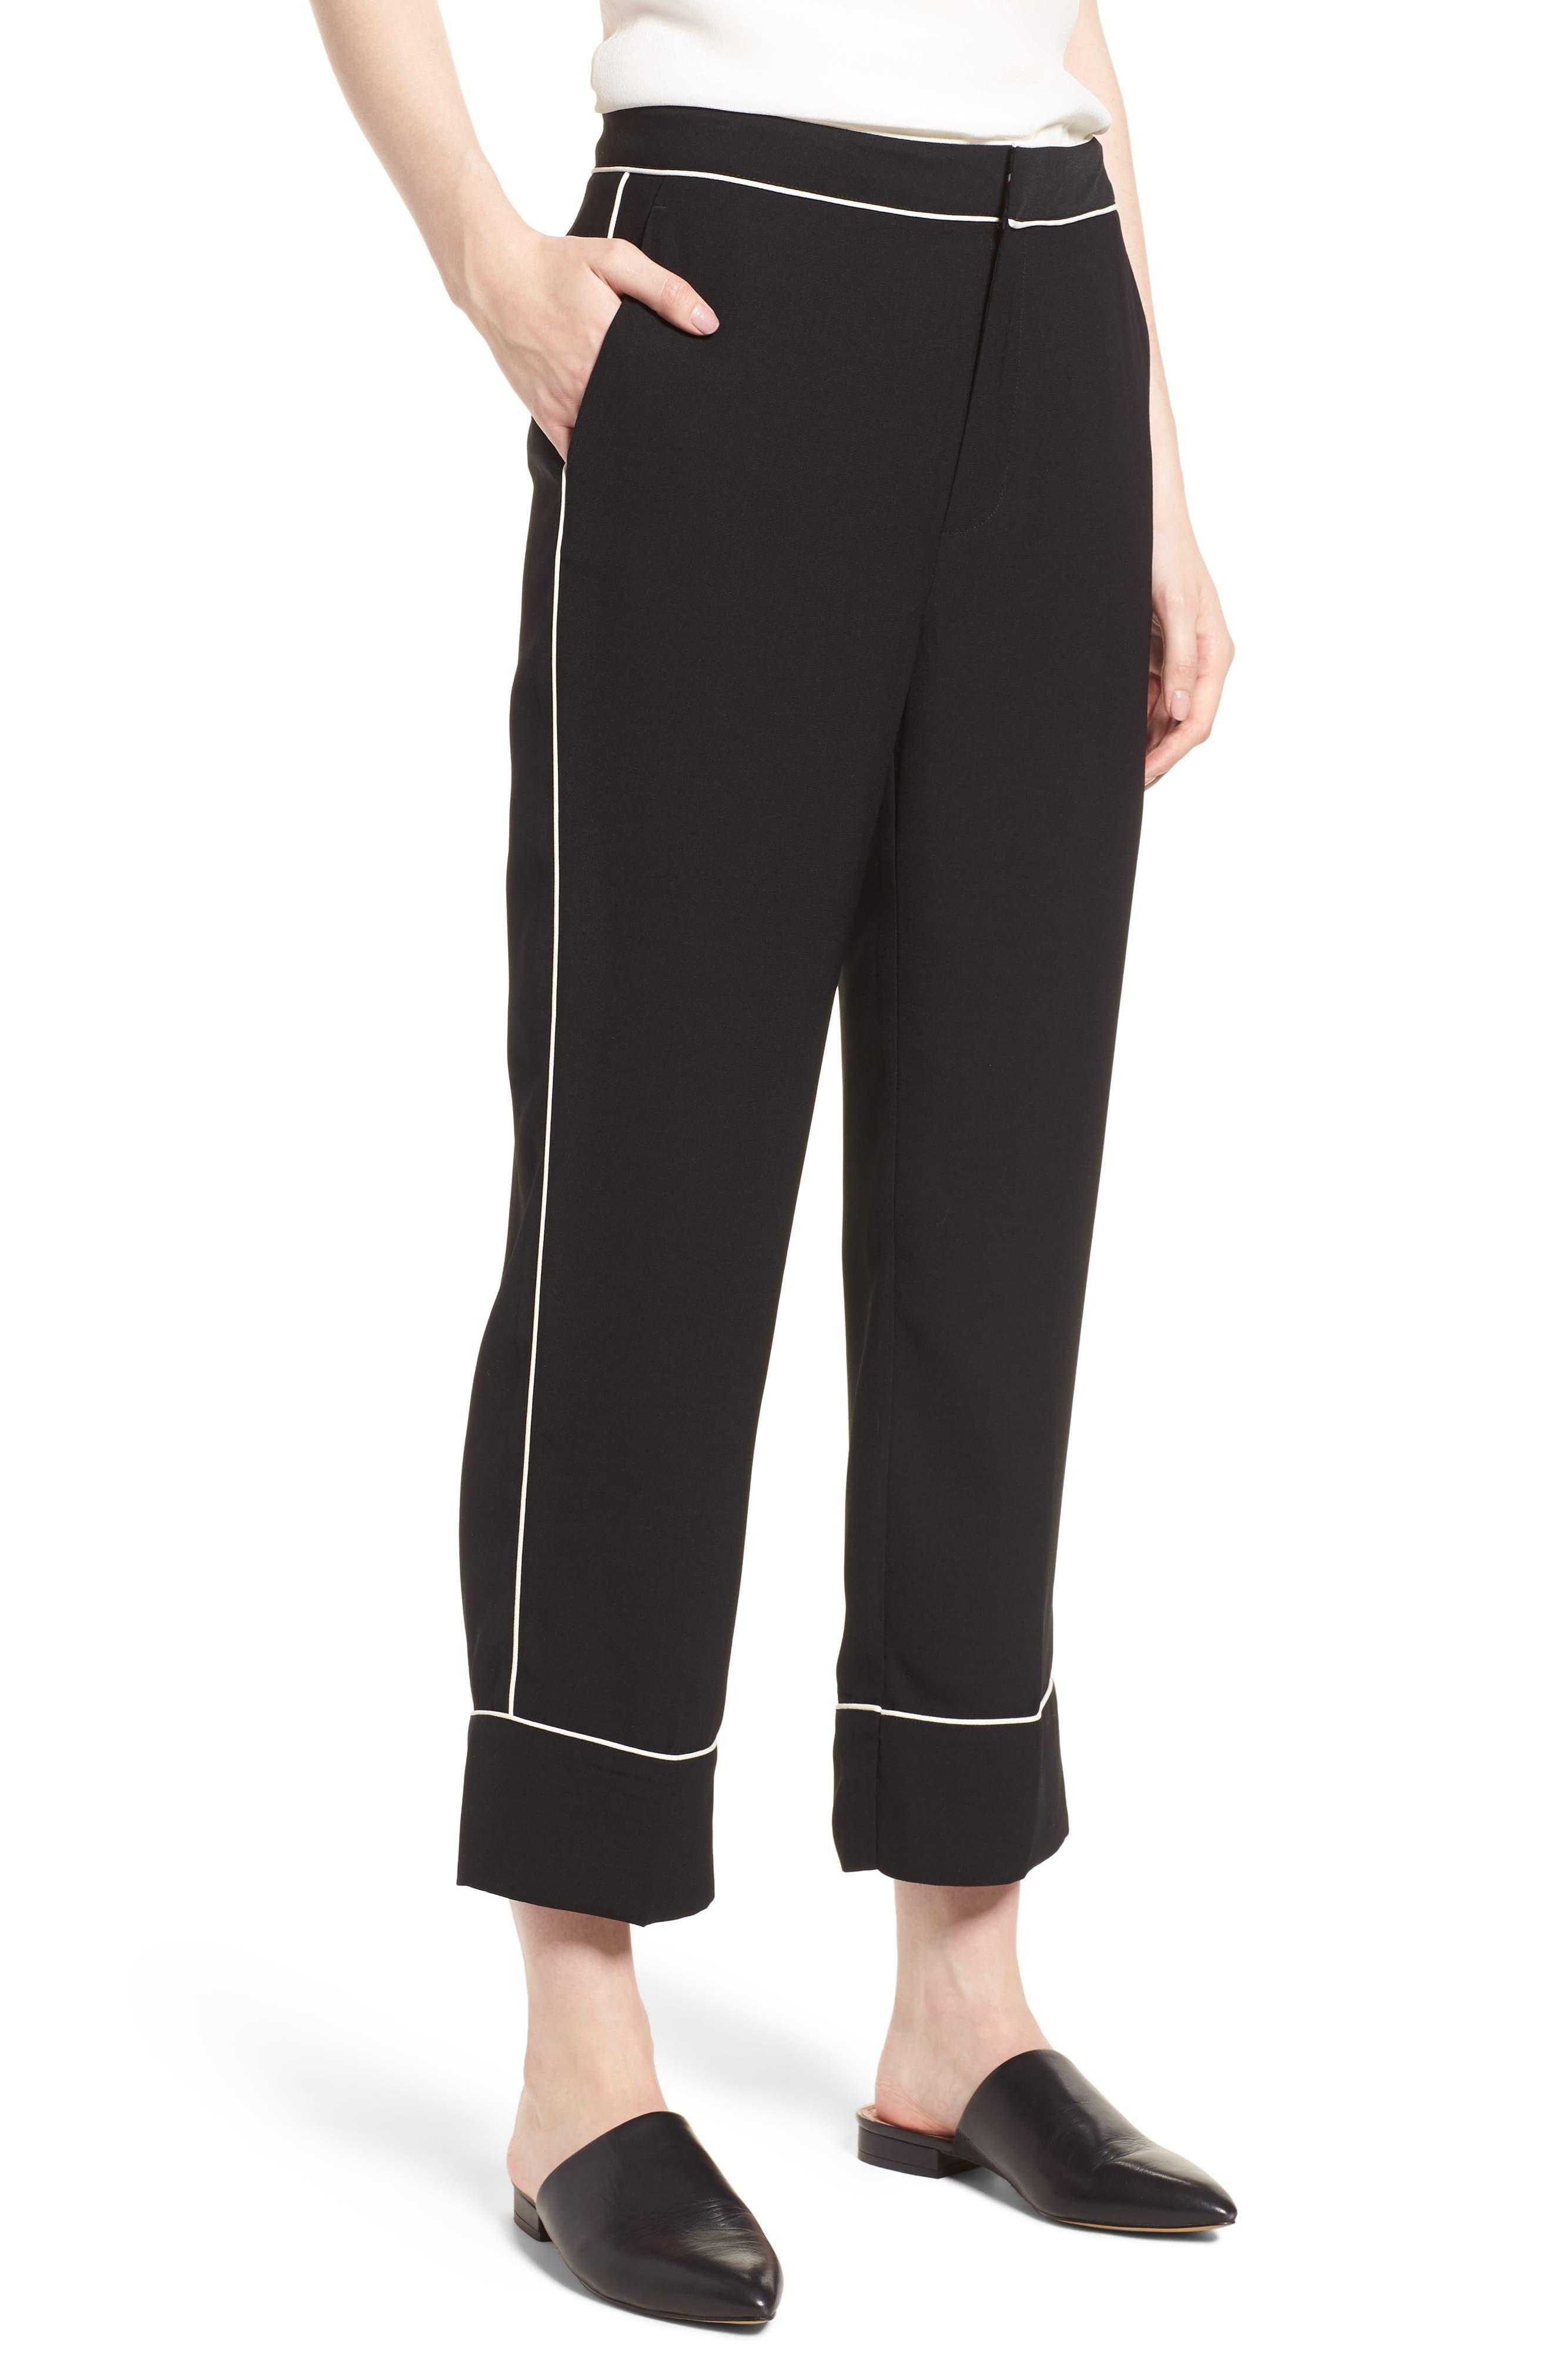 HABITUAL Ankle Pants, Main, color, 004